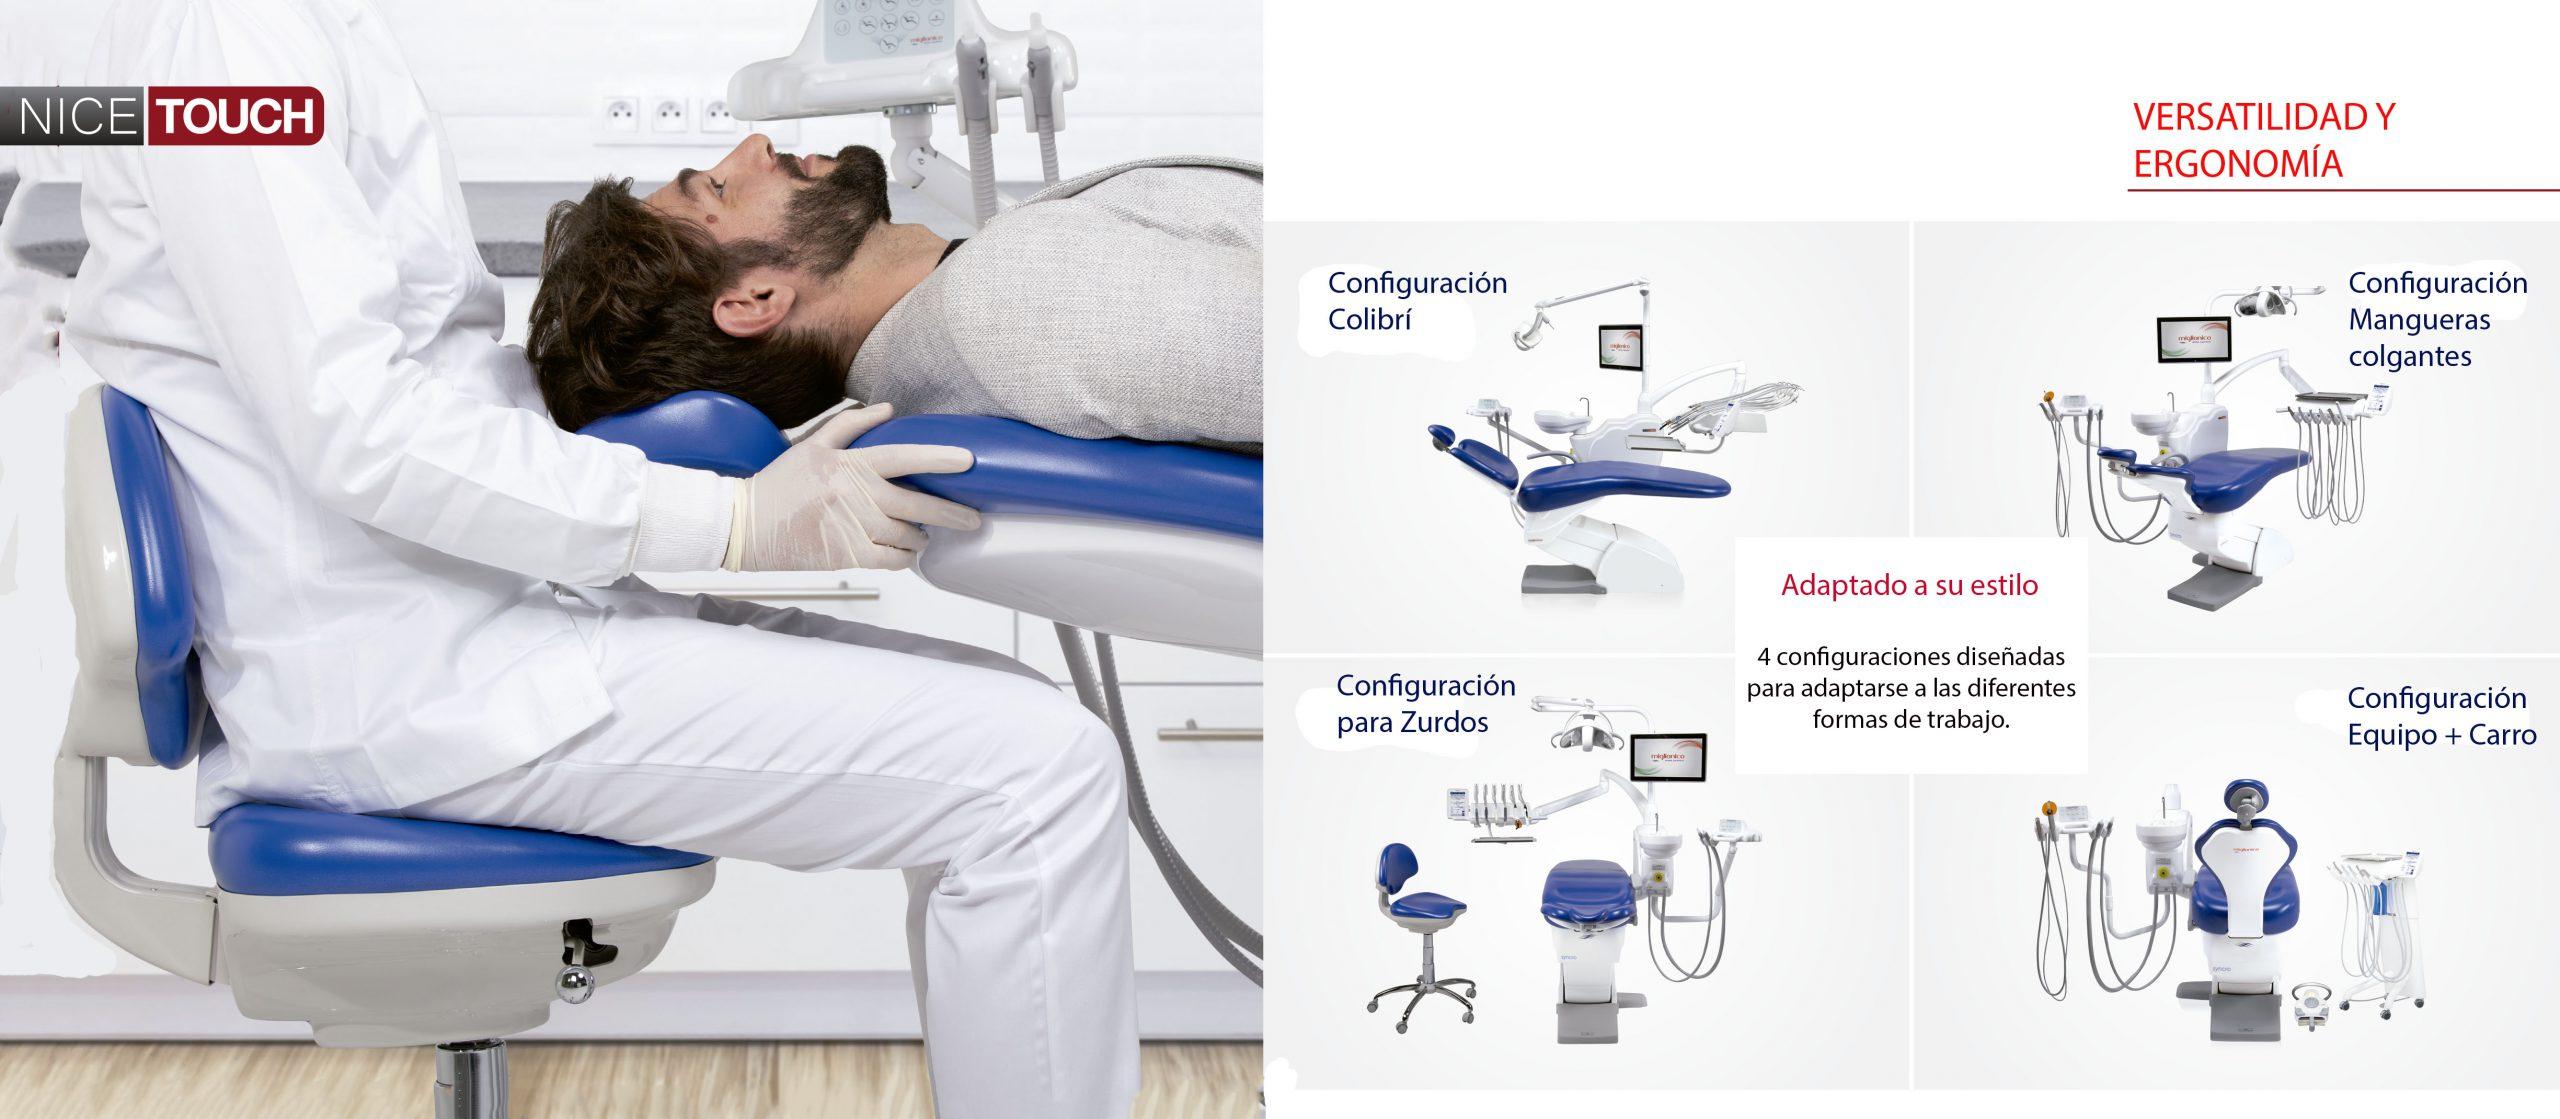 Sillón dental Miglionico Nice Touch Versatilidad en su configuración